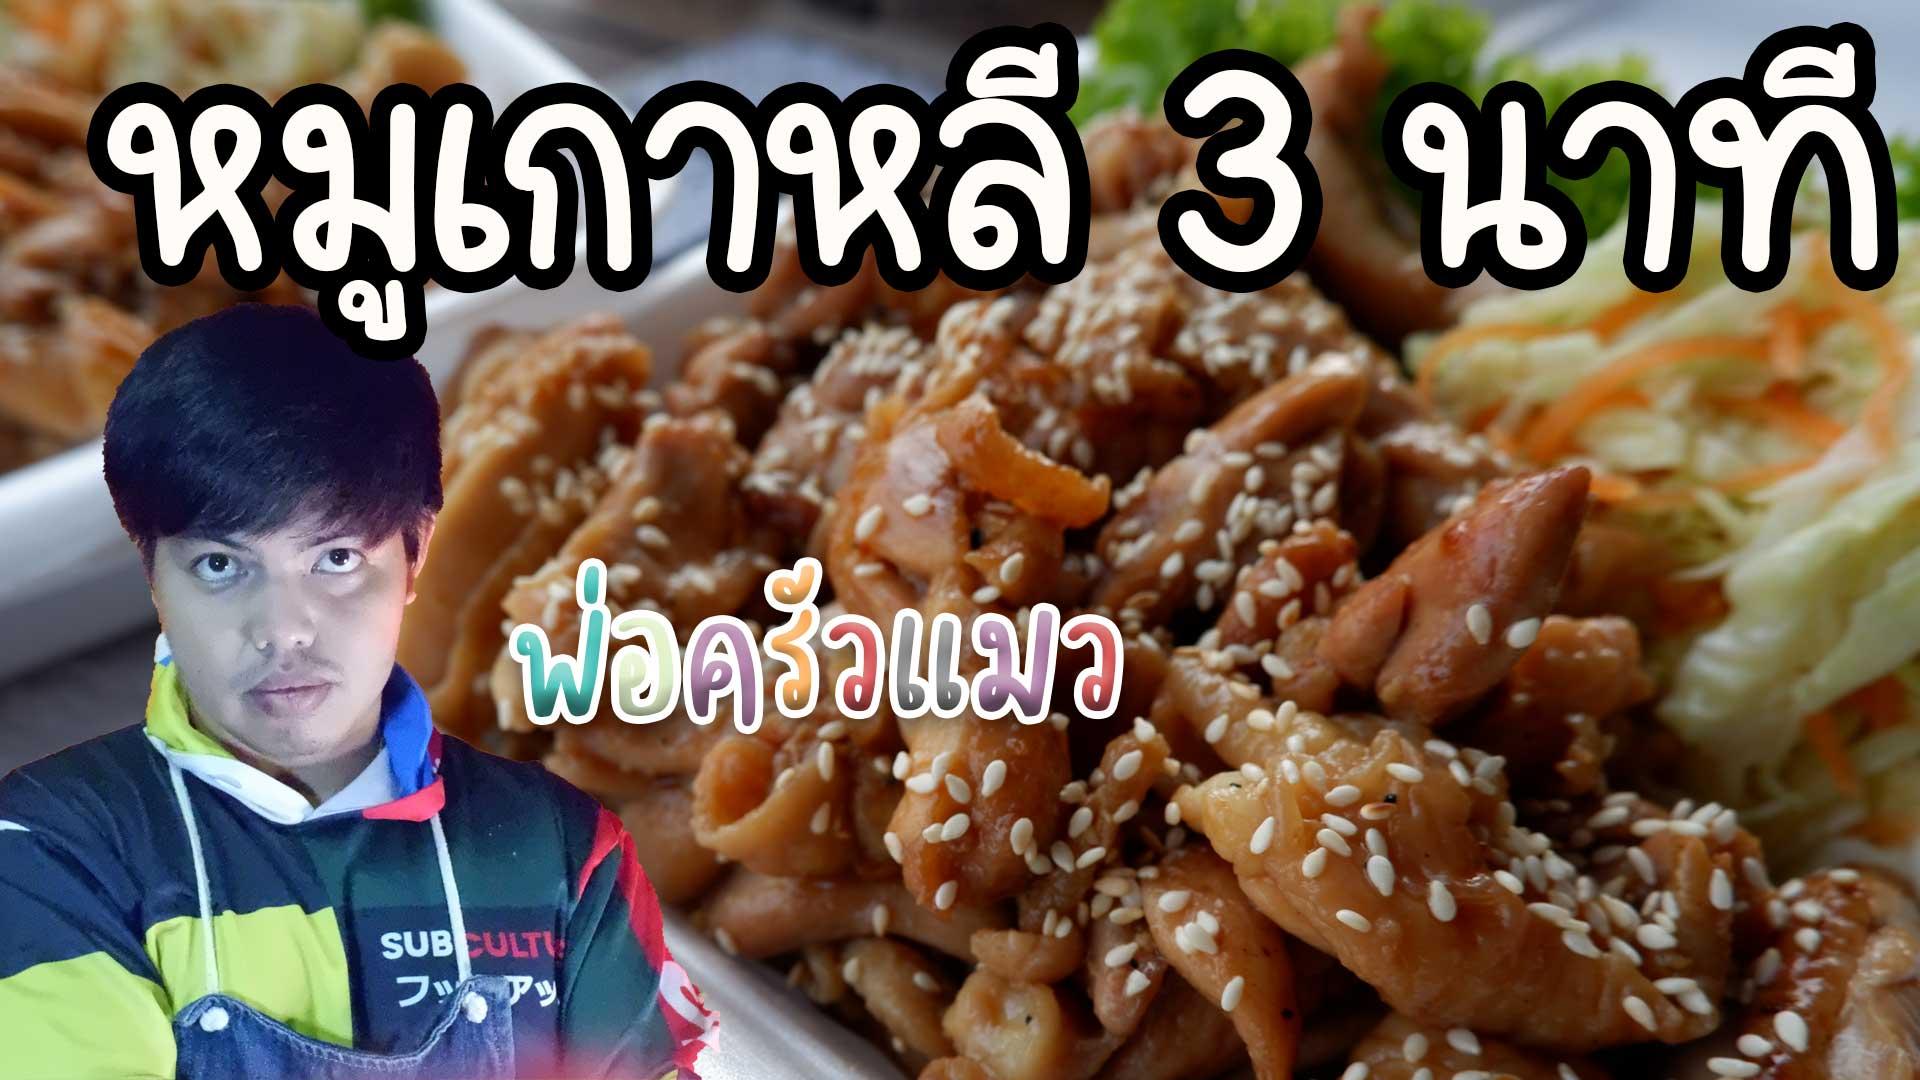 วิธีทำข้าวหมูเกาหลีง่ายกับพ่อครัวแมว